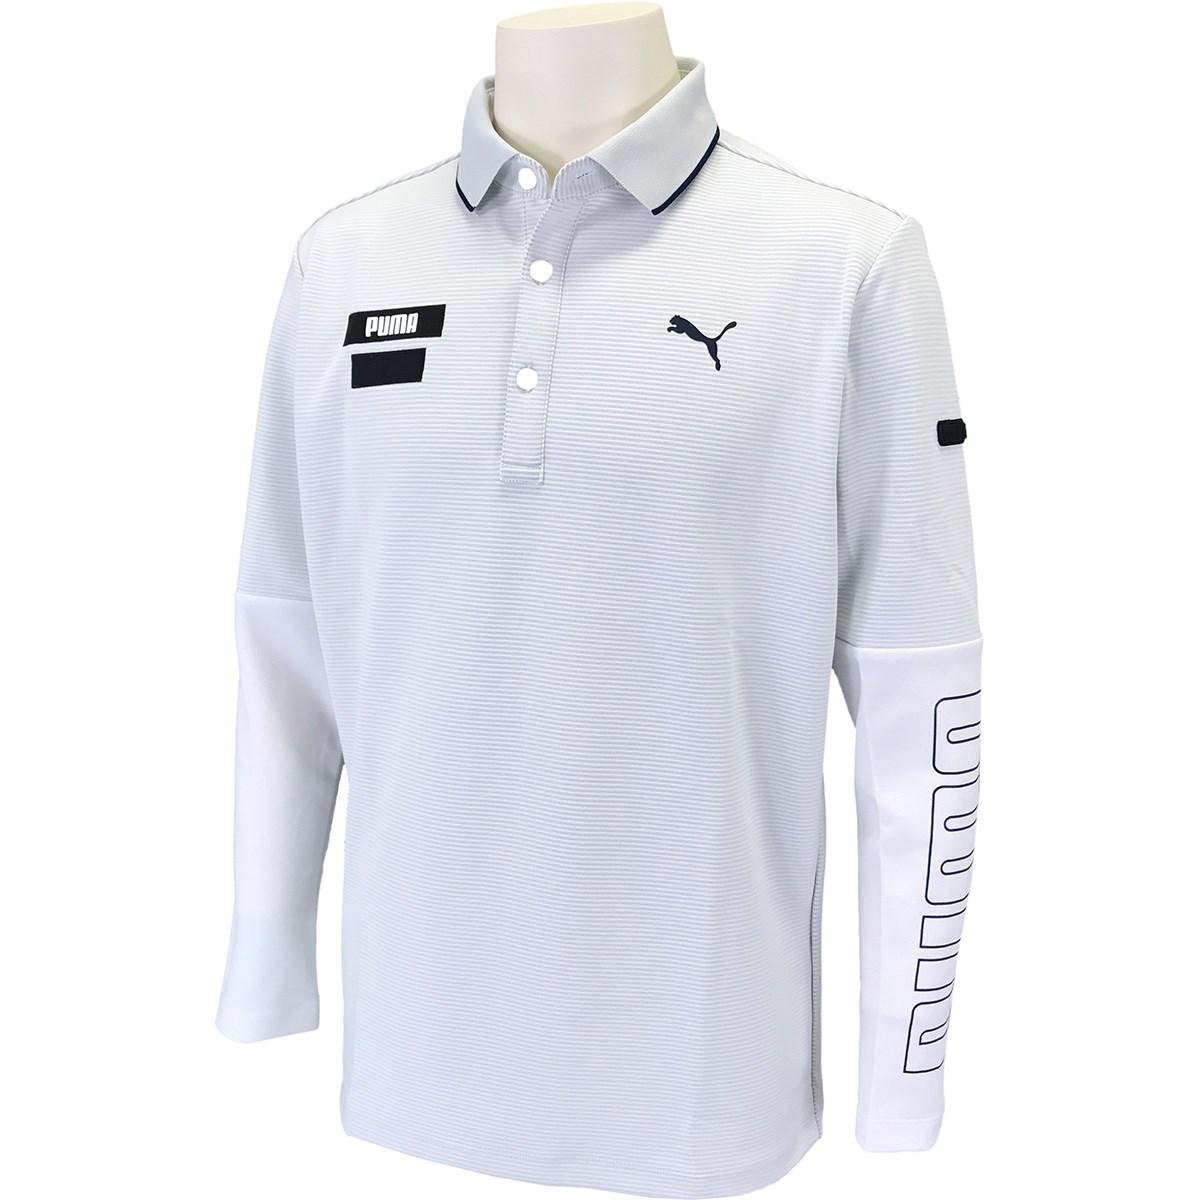 プーマ PUMA タイト スリーブ 長袖ポロシャツ L ブライトホワイト 03